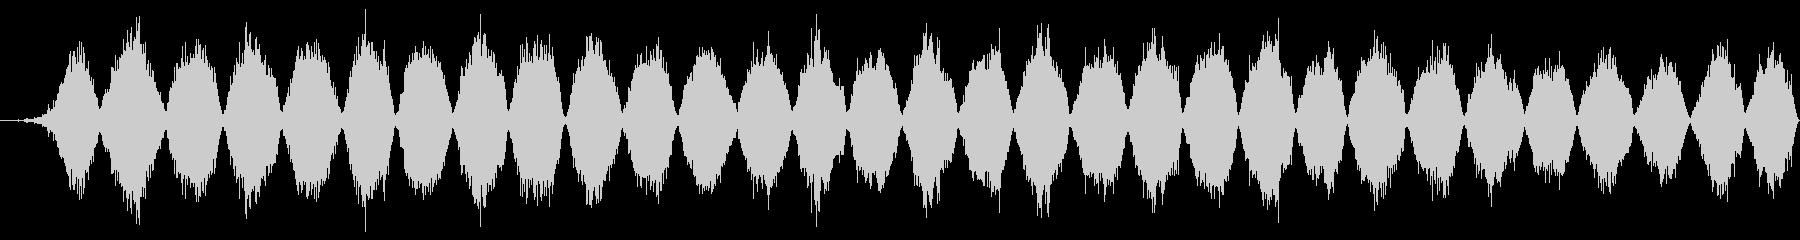 サンドペーパー:ファイングリット:...の未再生の波形